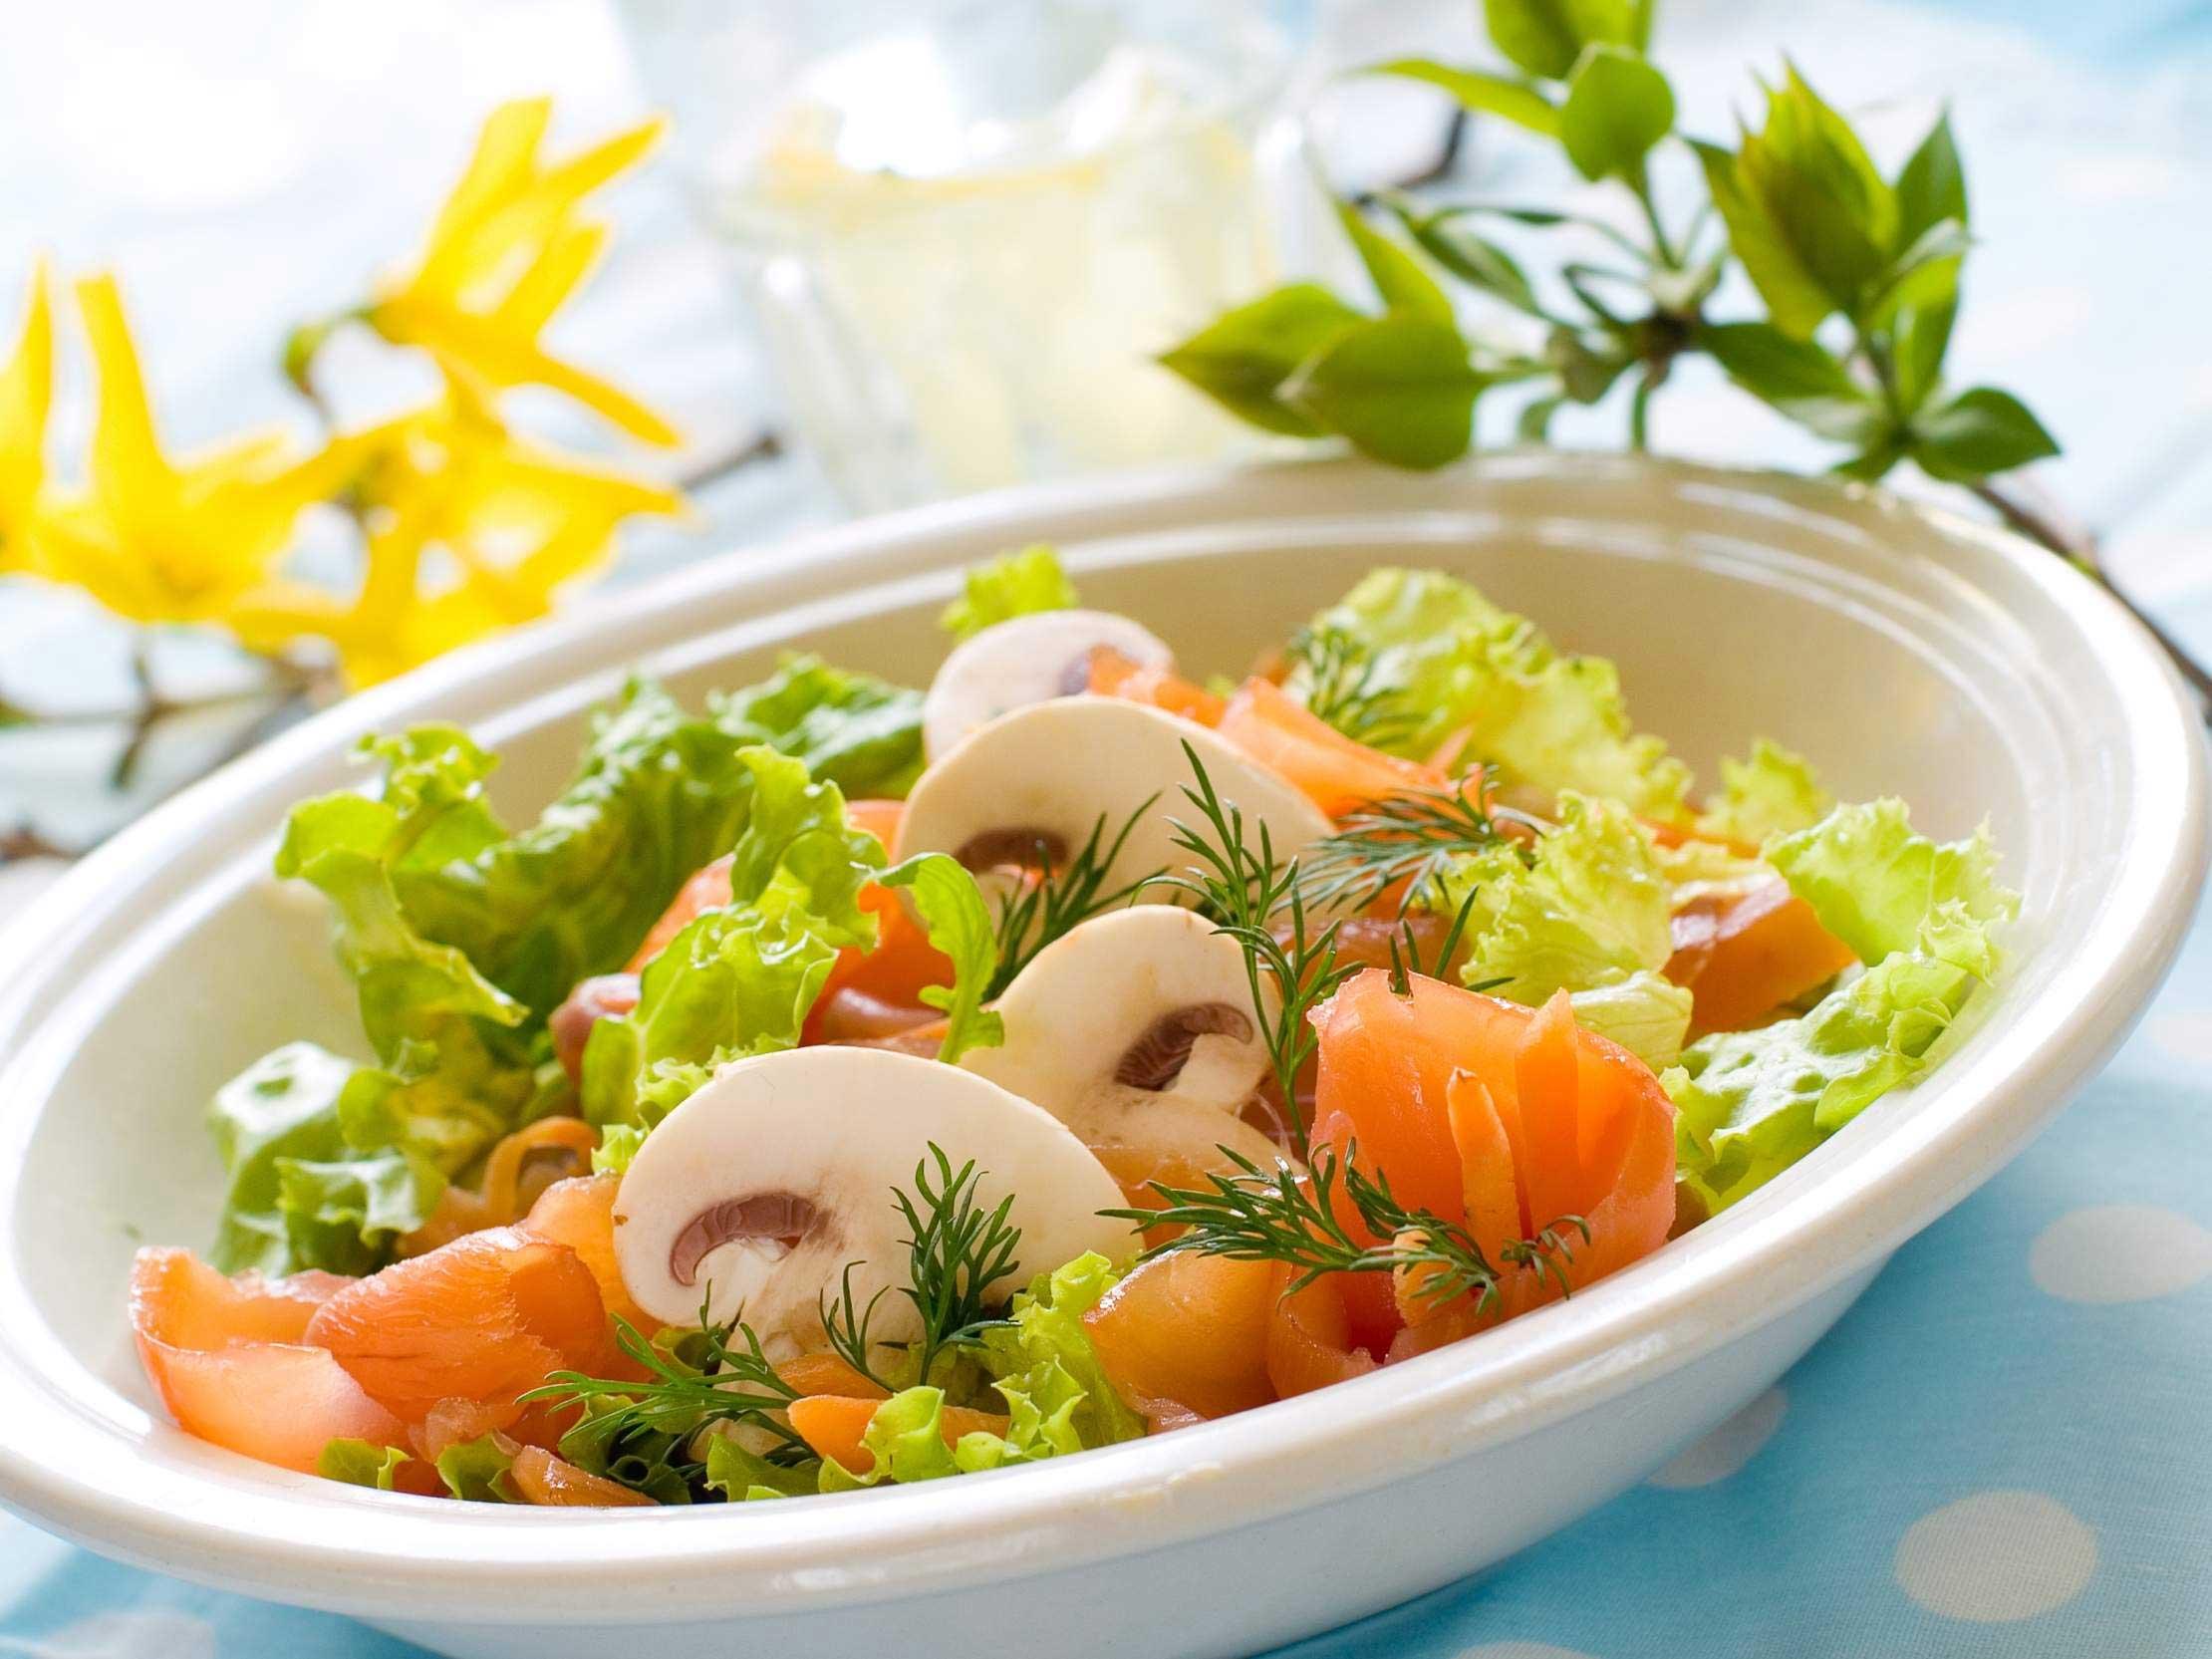 Фото - Постные блюда на каждый день